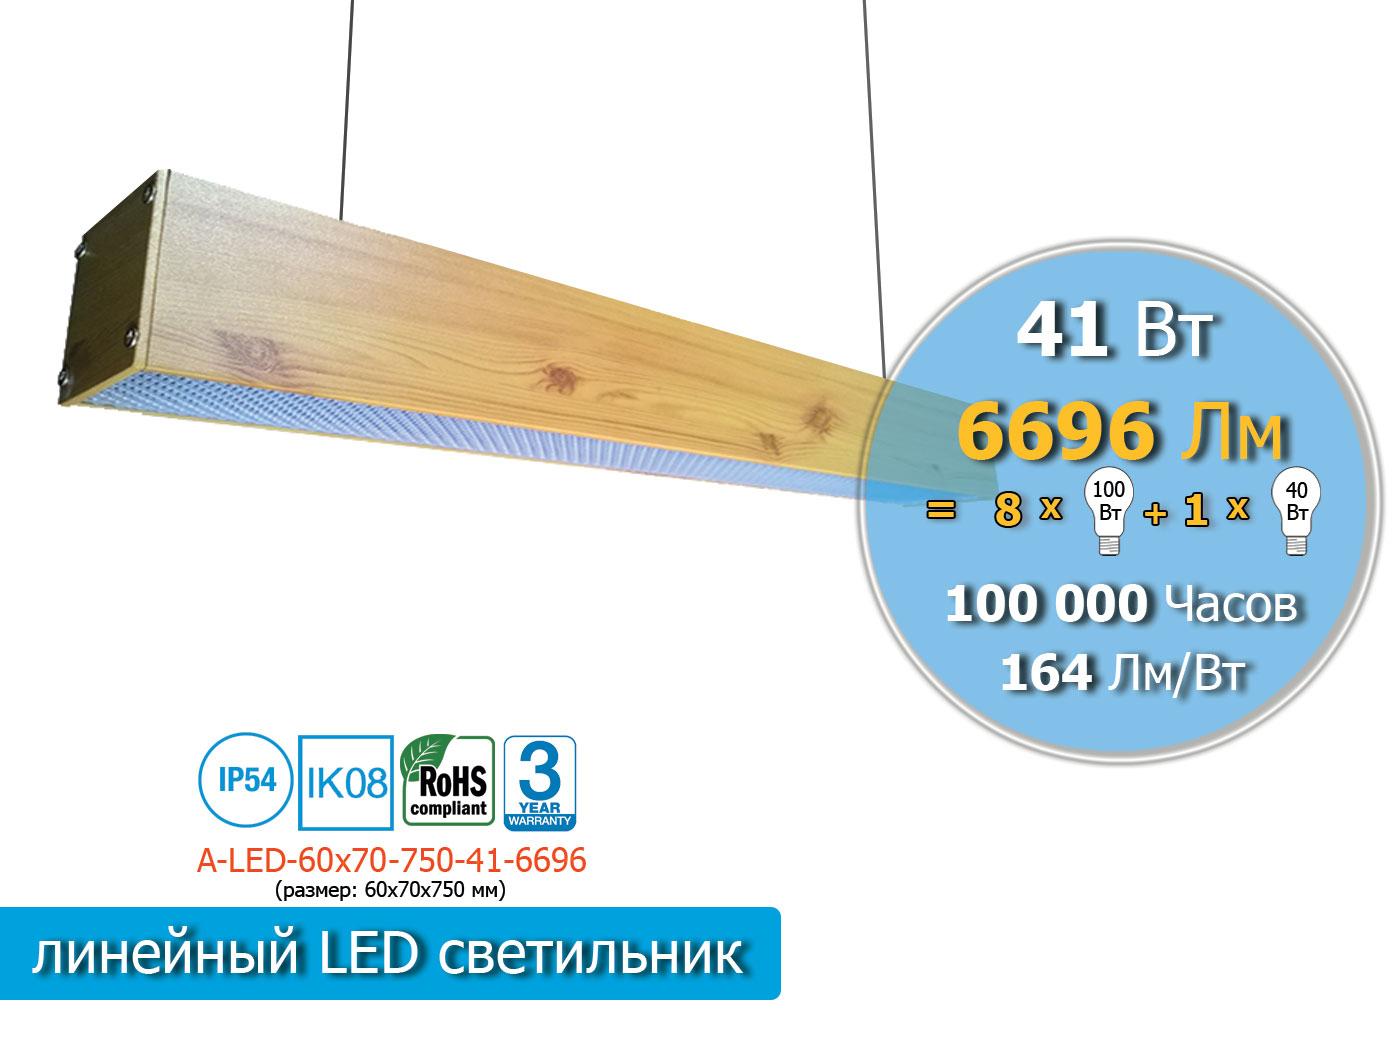 A-LED-60x70-750-41-6696-D